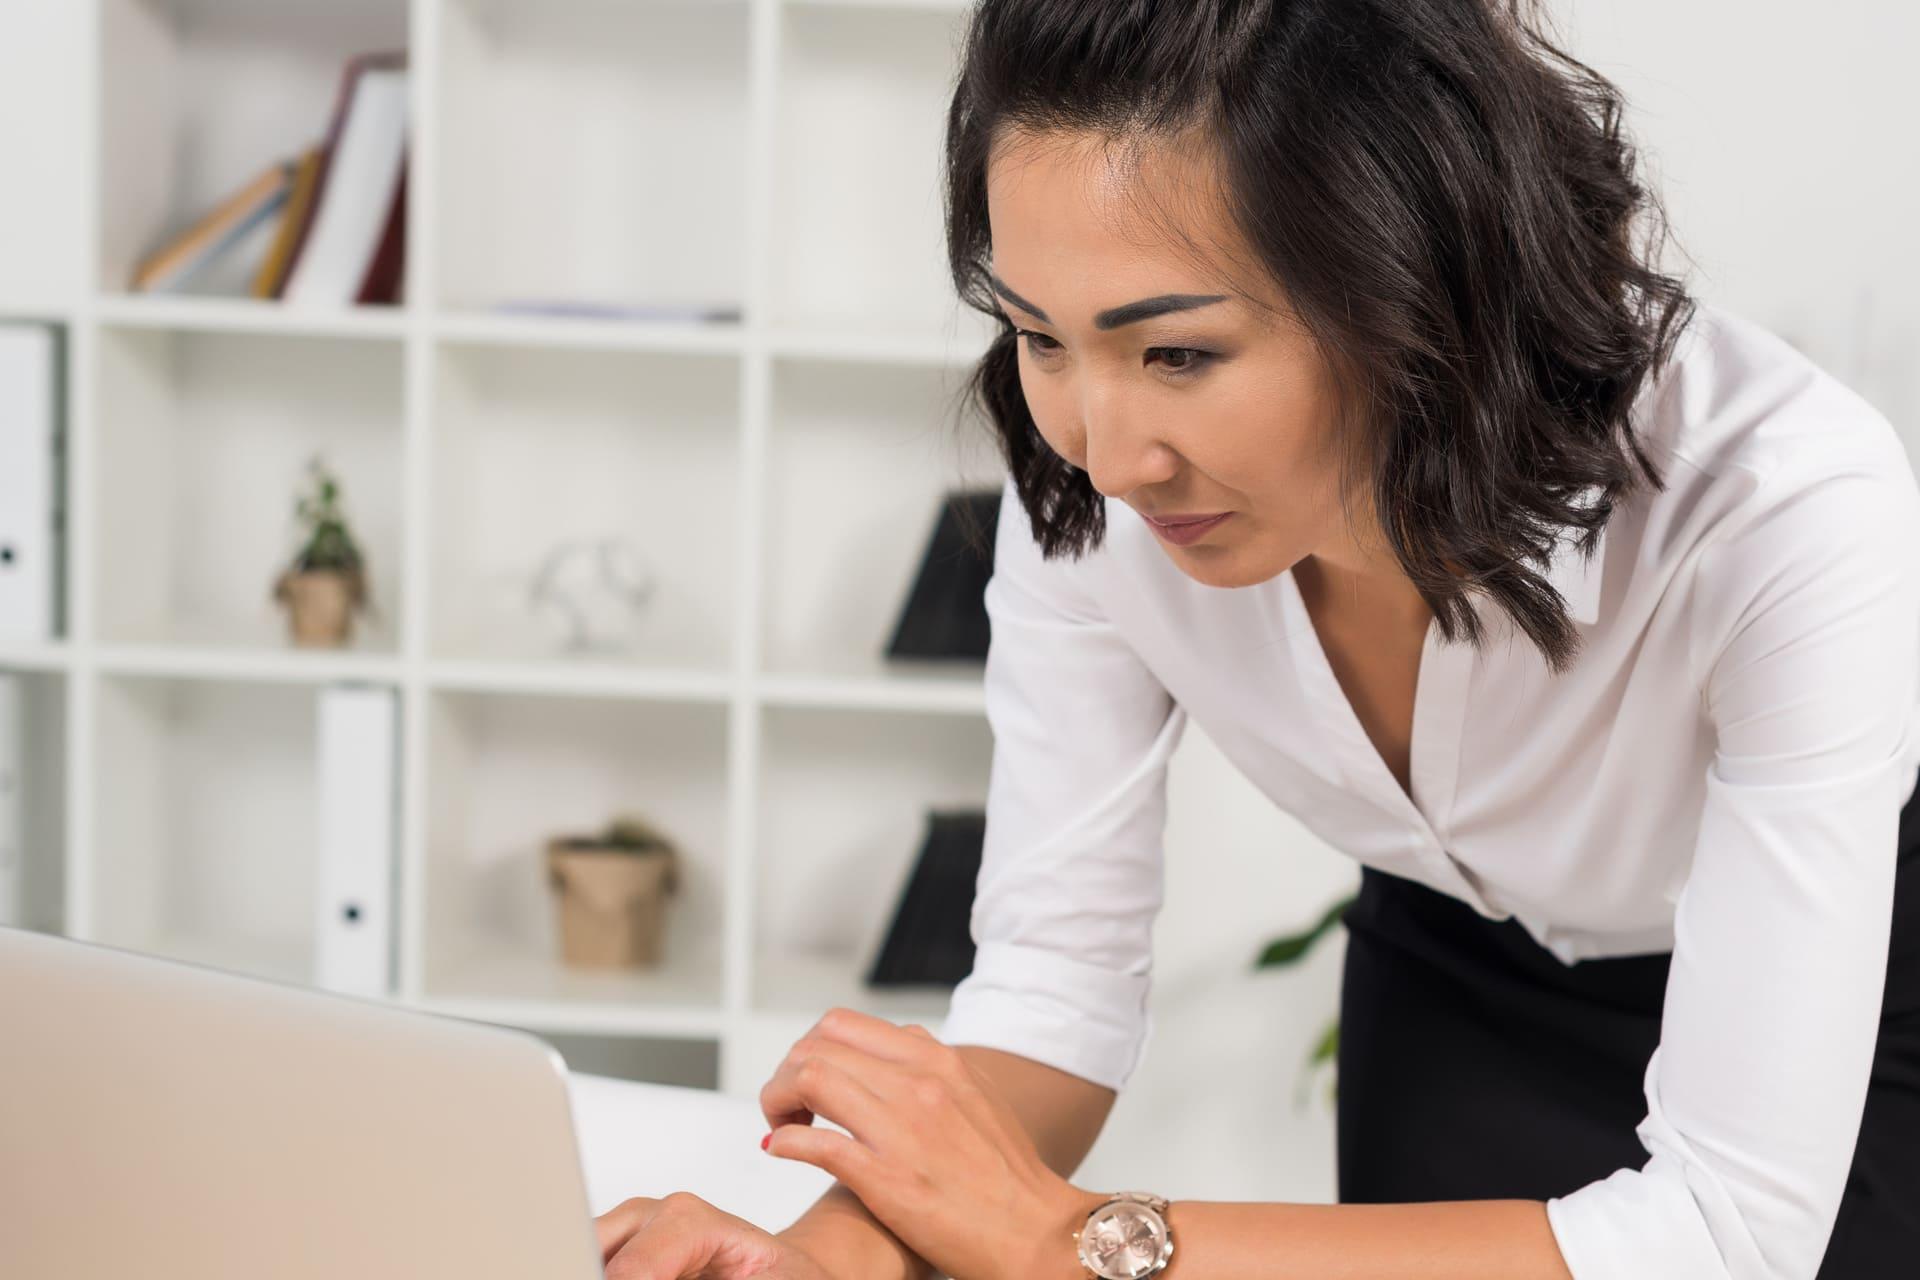 Vrouw is bezig met dms achter laptop